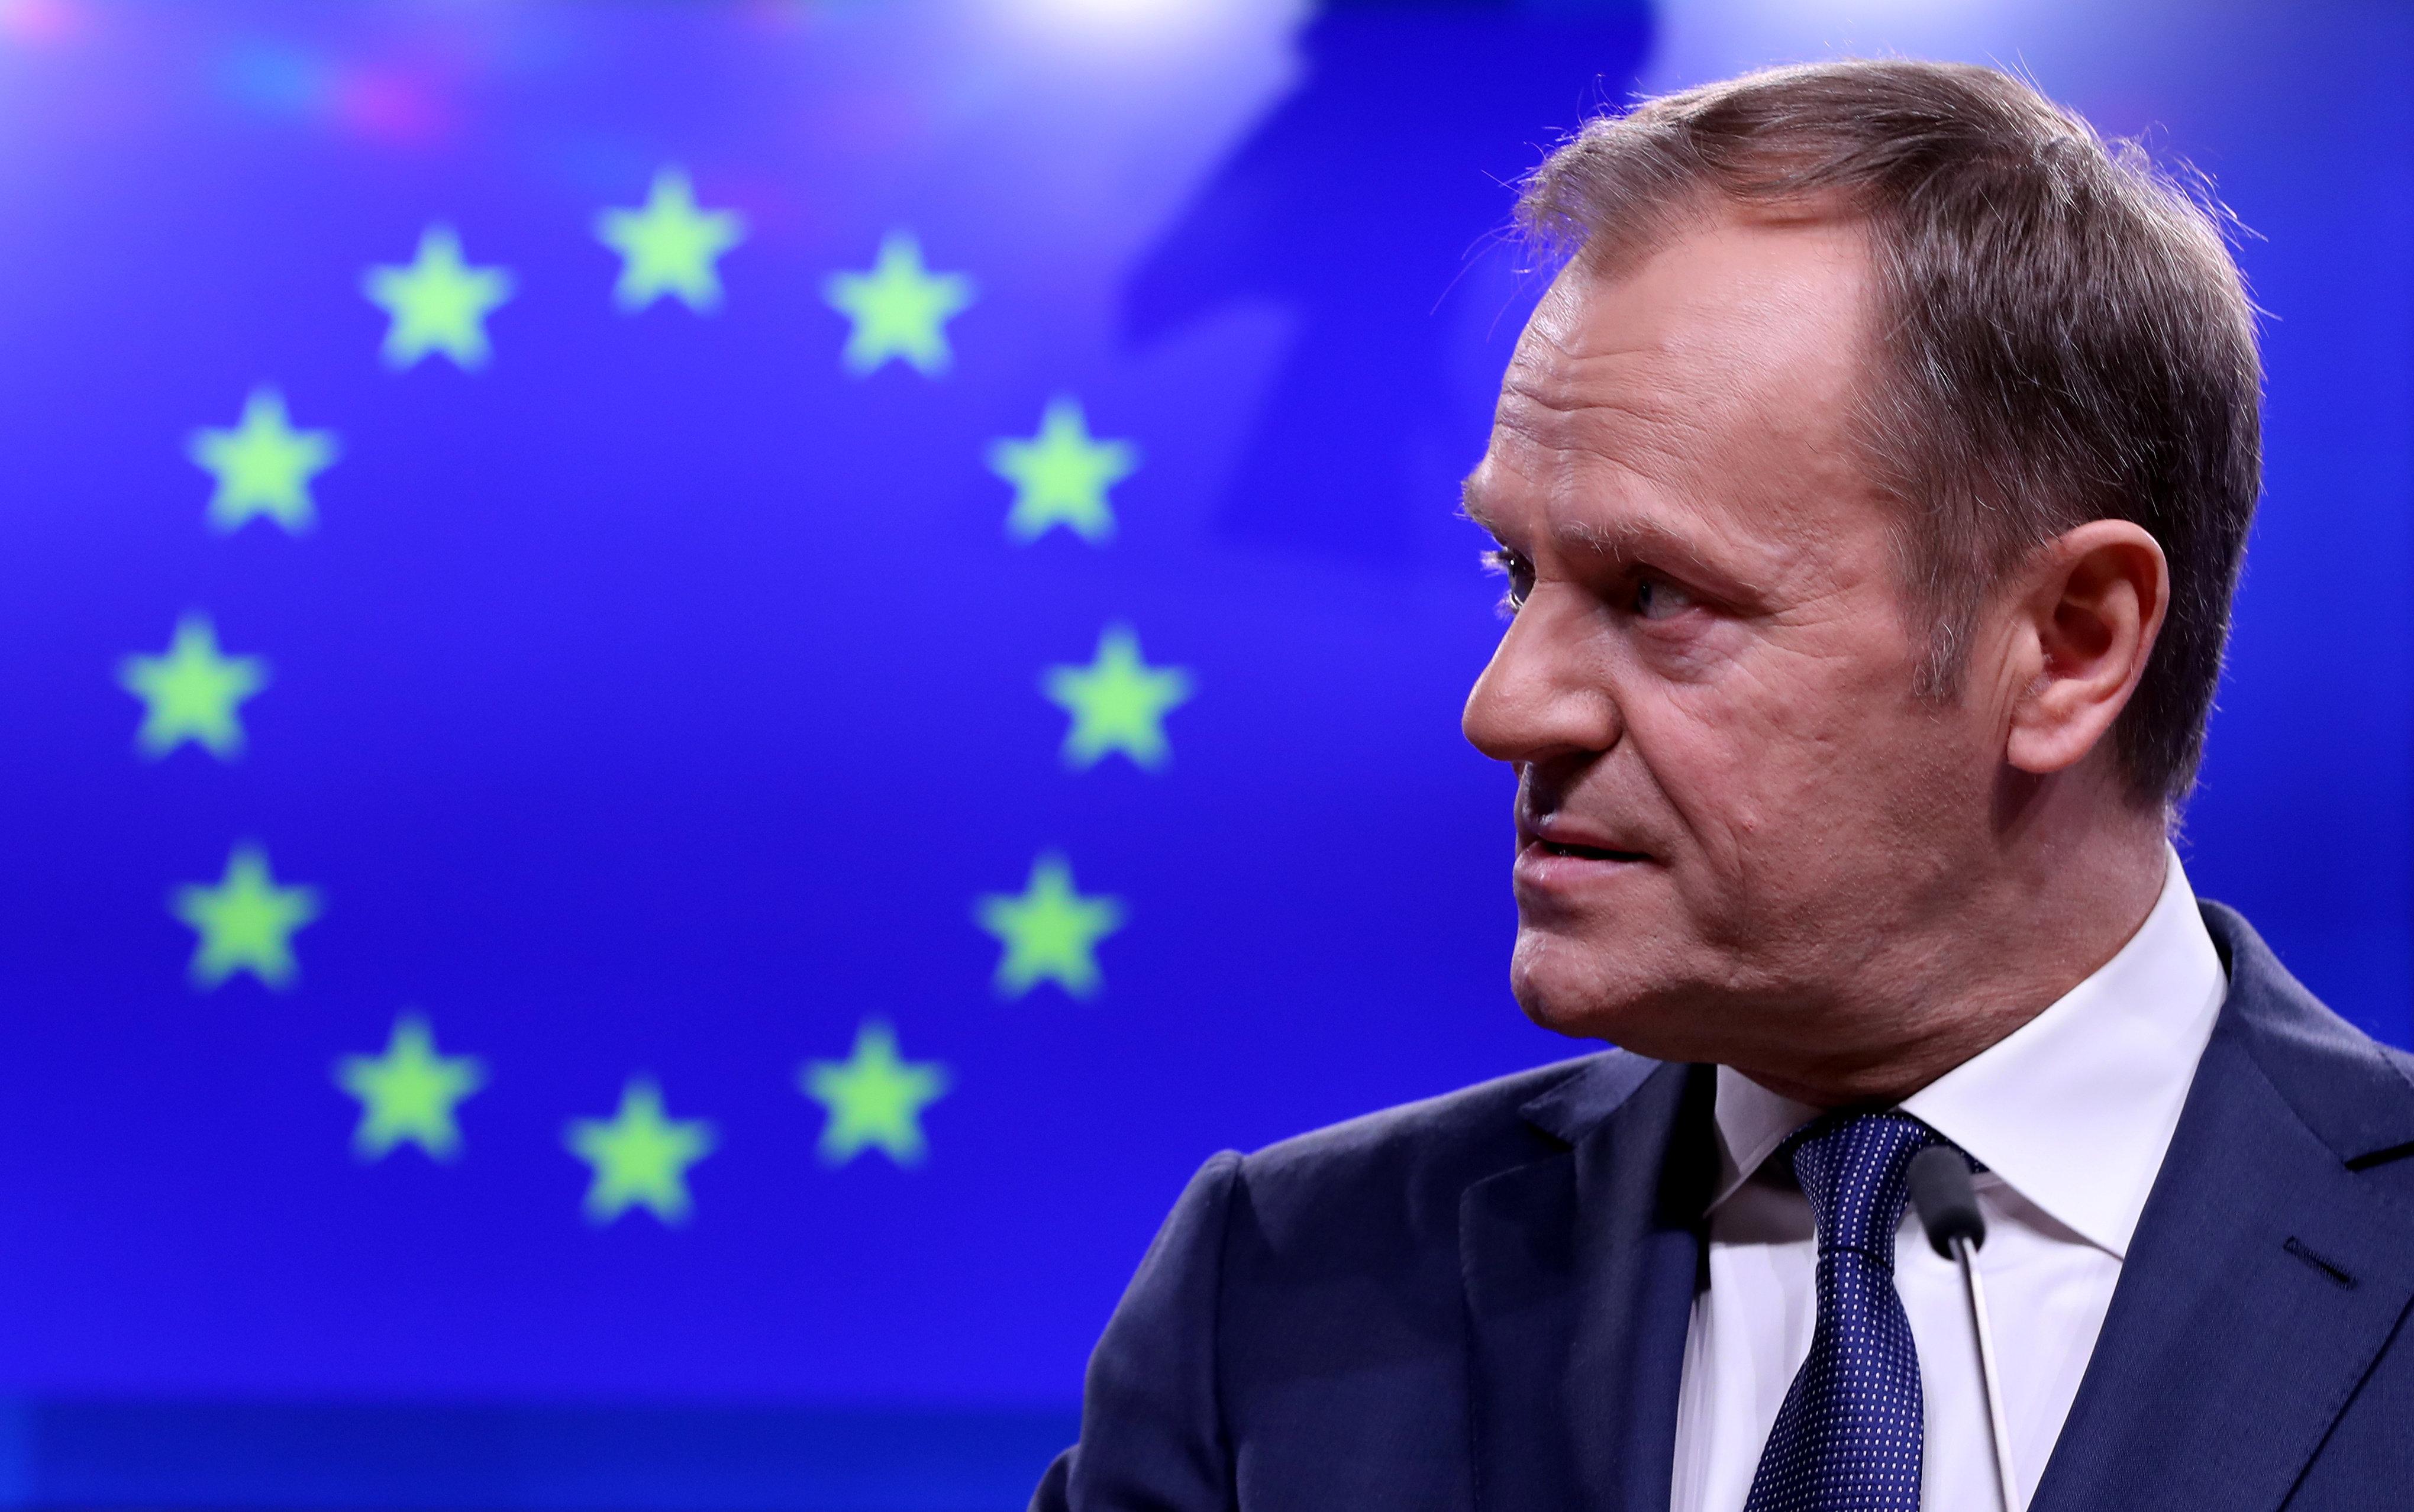 EU 투스크가 '지옥' 발언으로 영국 브렉시트 강경파를